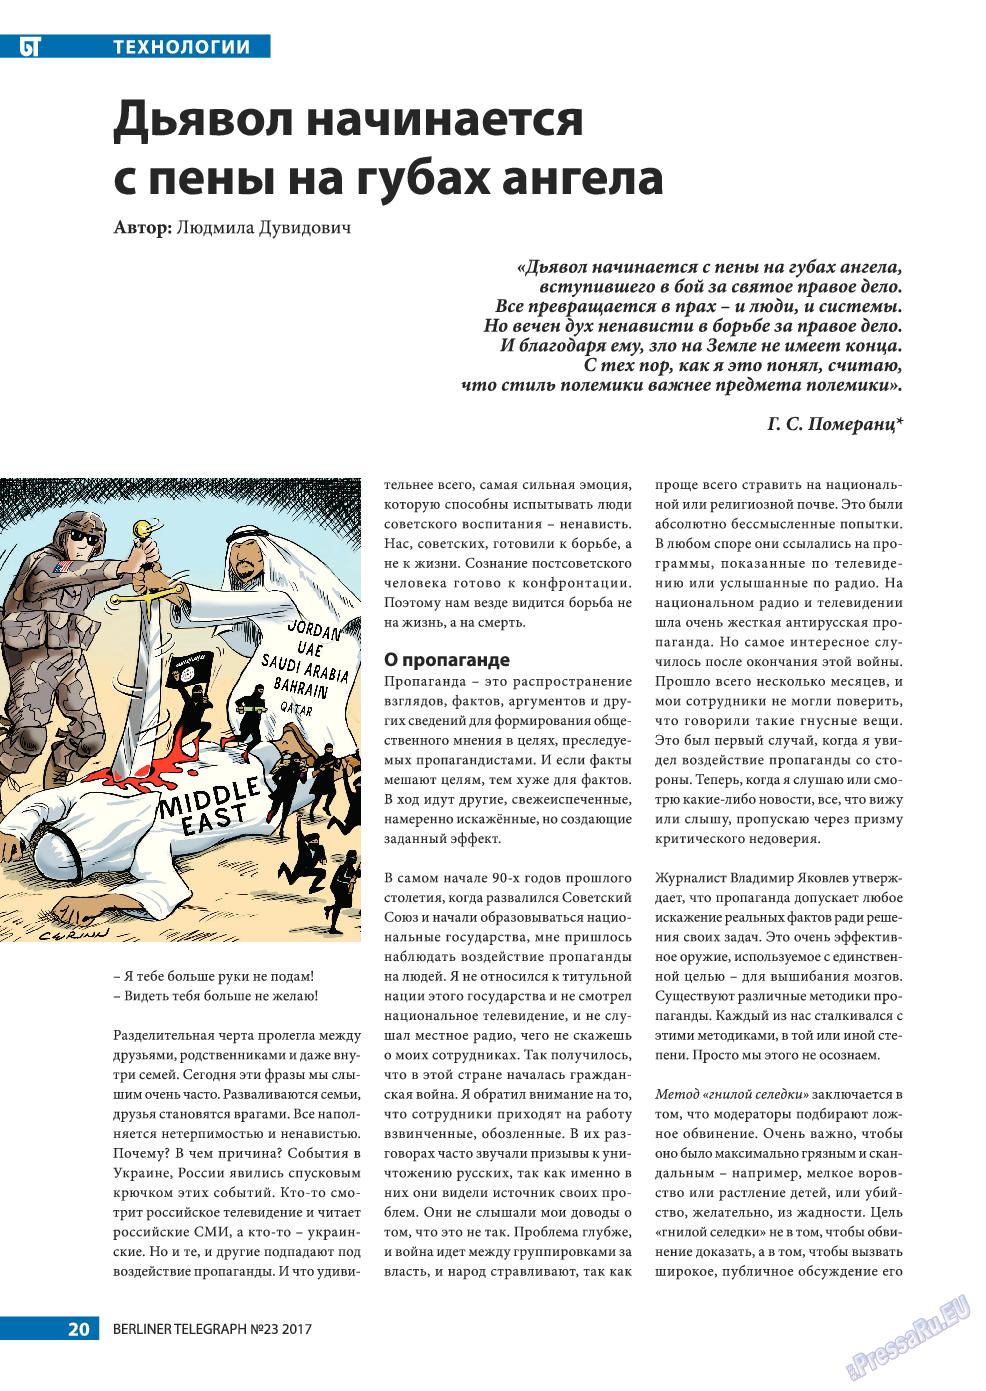 Берлинский телеграф (журнал). 2017 год, номер 23, стр. 20